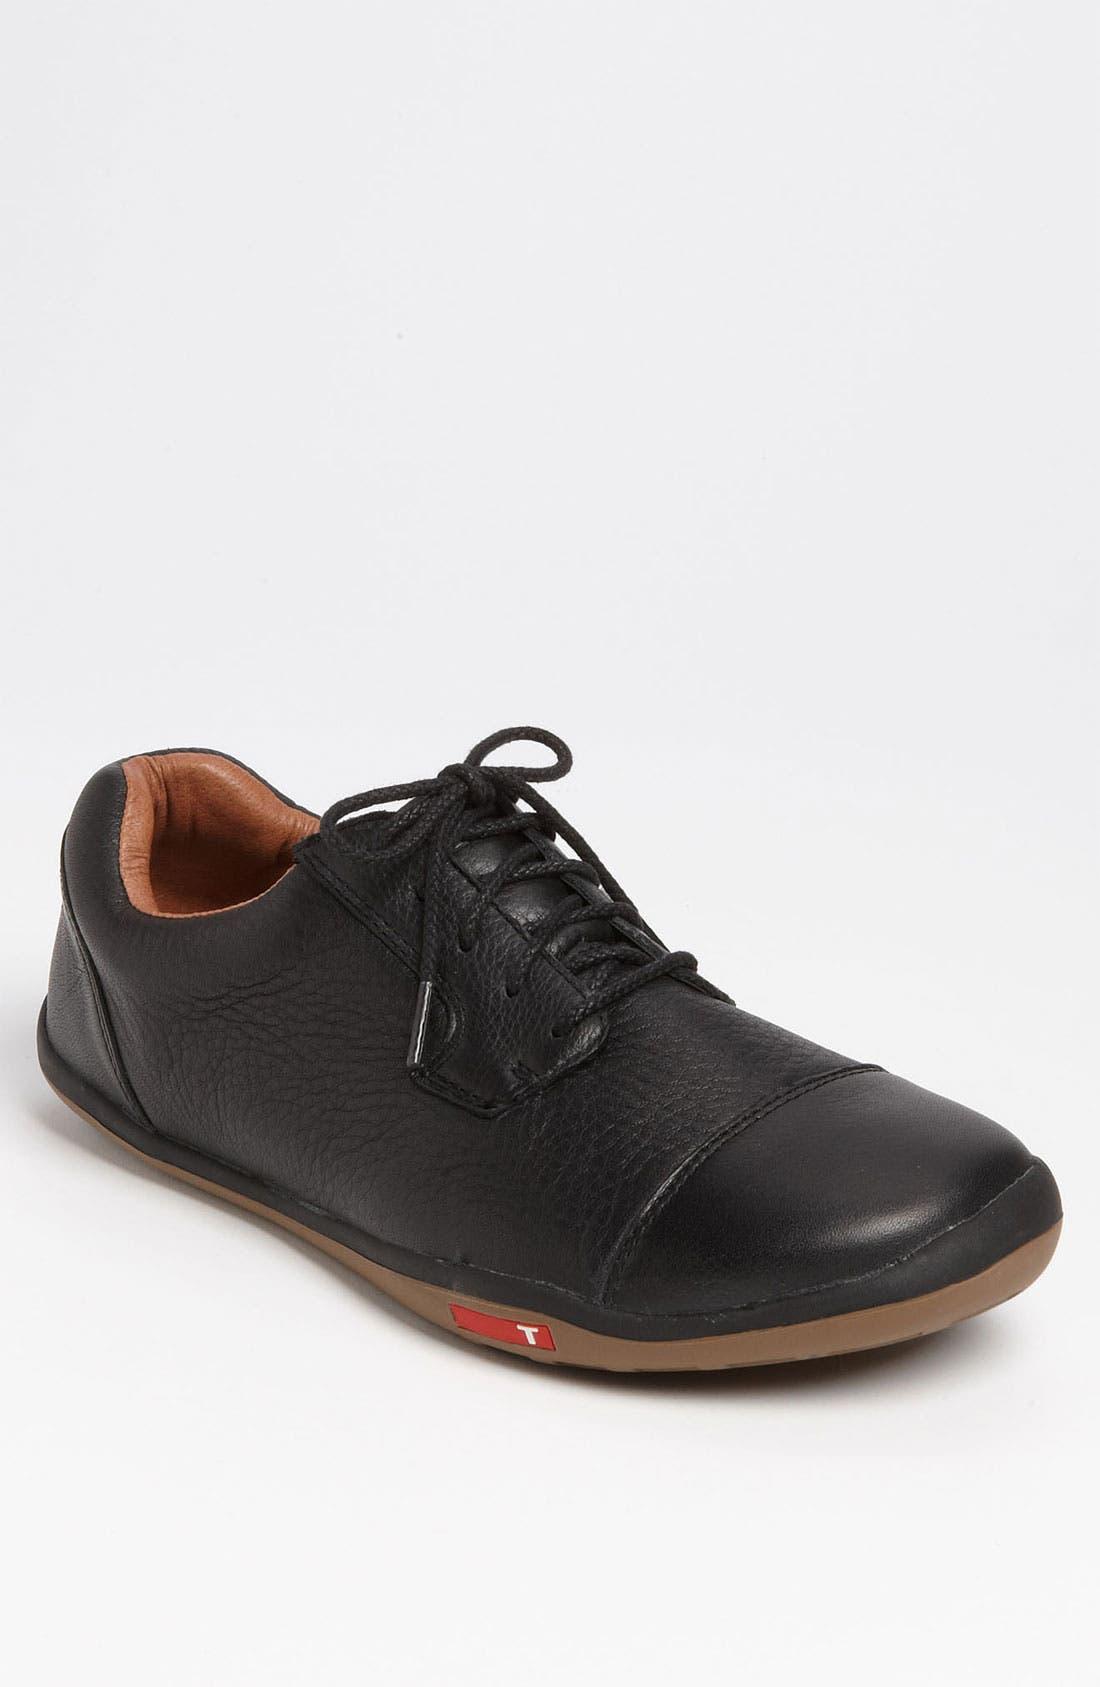 Alternate Image 1 Selected - TRUE linkswear 'TRUE stealth' Golf Shoe (Men)